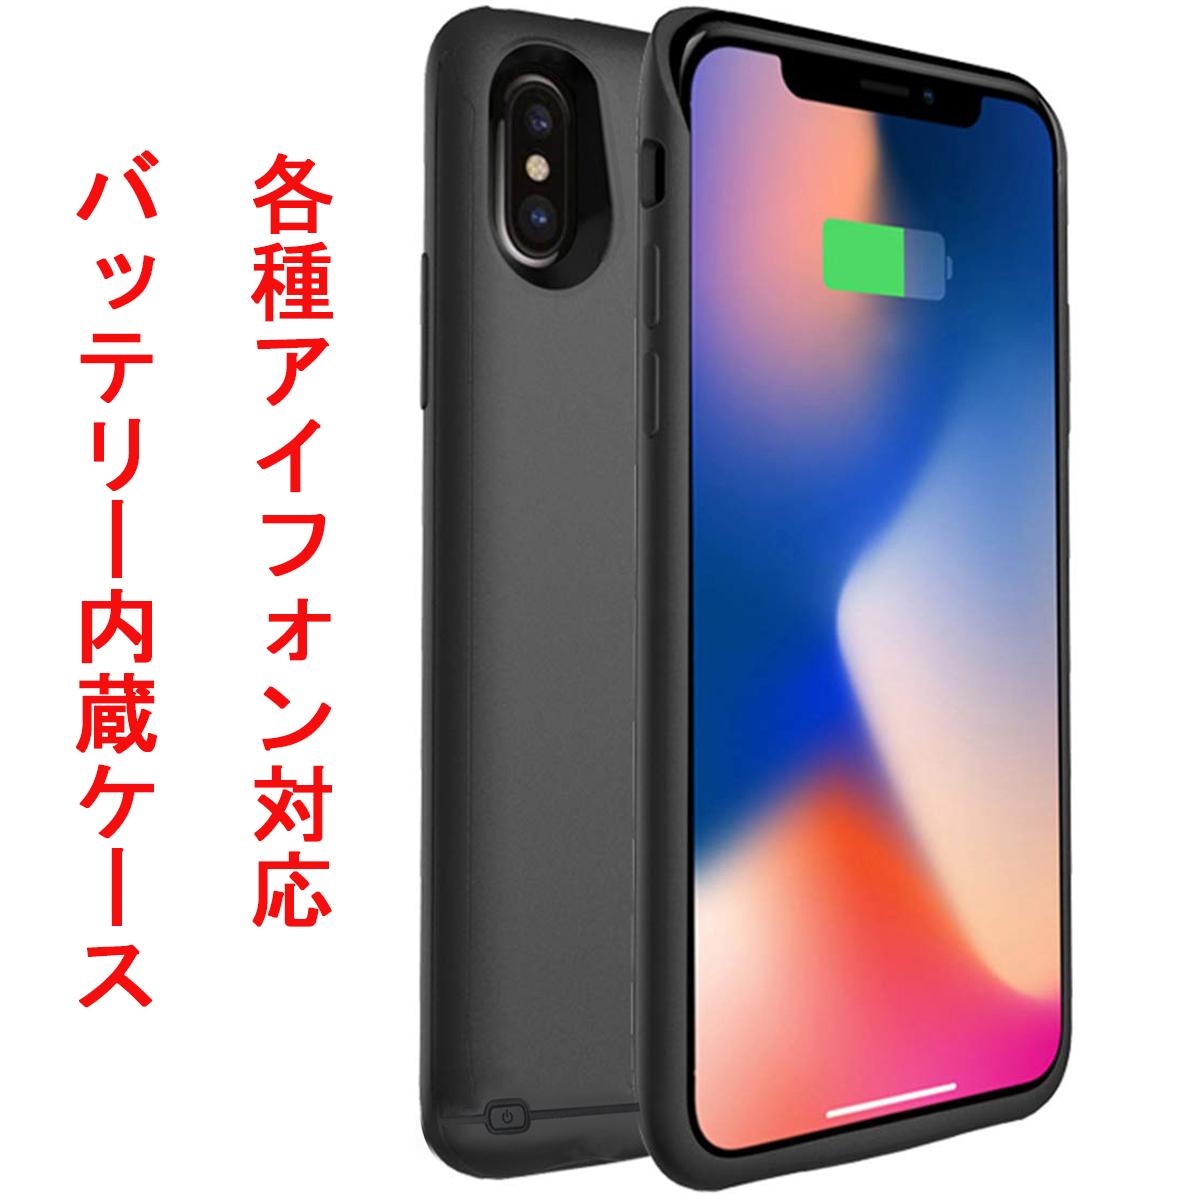 新品iPhone XS Max 対応 【6800mAh】バッテリーケース 大容量 バッテリー内蔵ケース 薄型 軽量 急速充電 ケース型バッテリー iphone XS Max 対応 充電ケース(ブラック) 6.5インチ